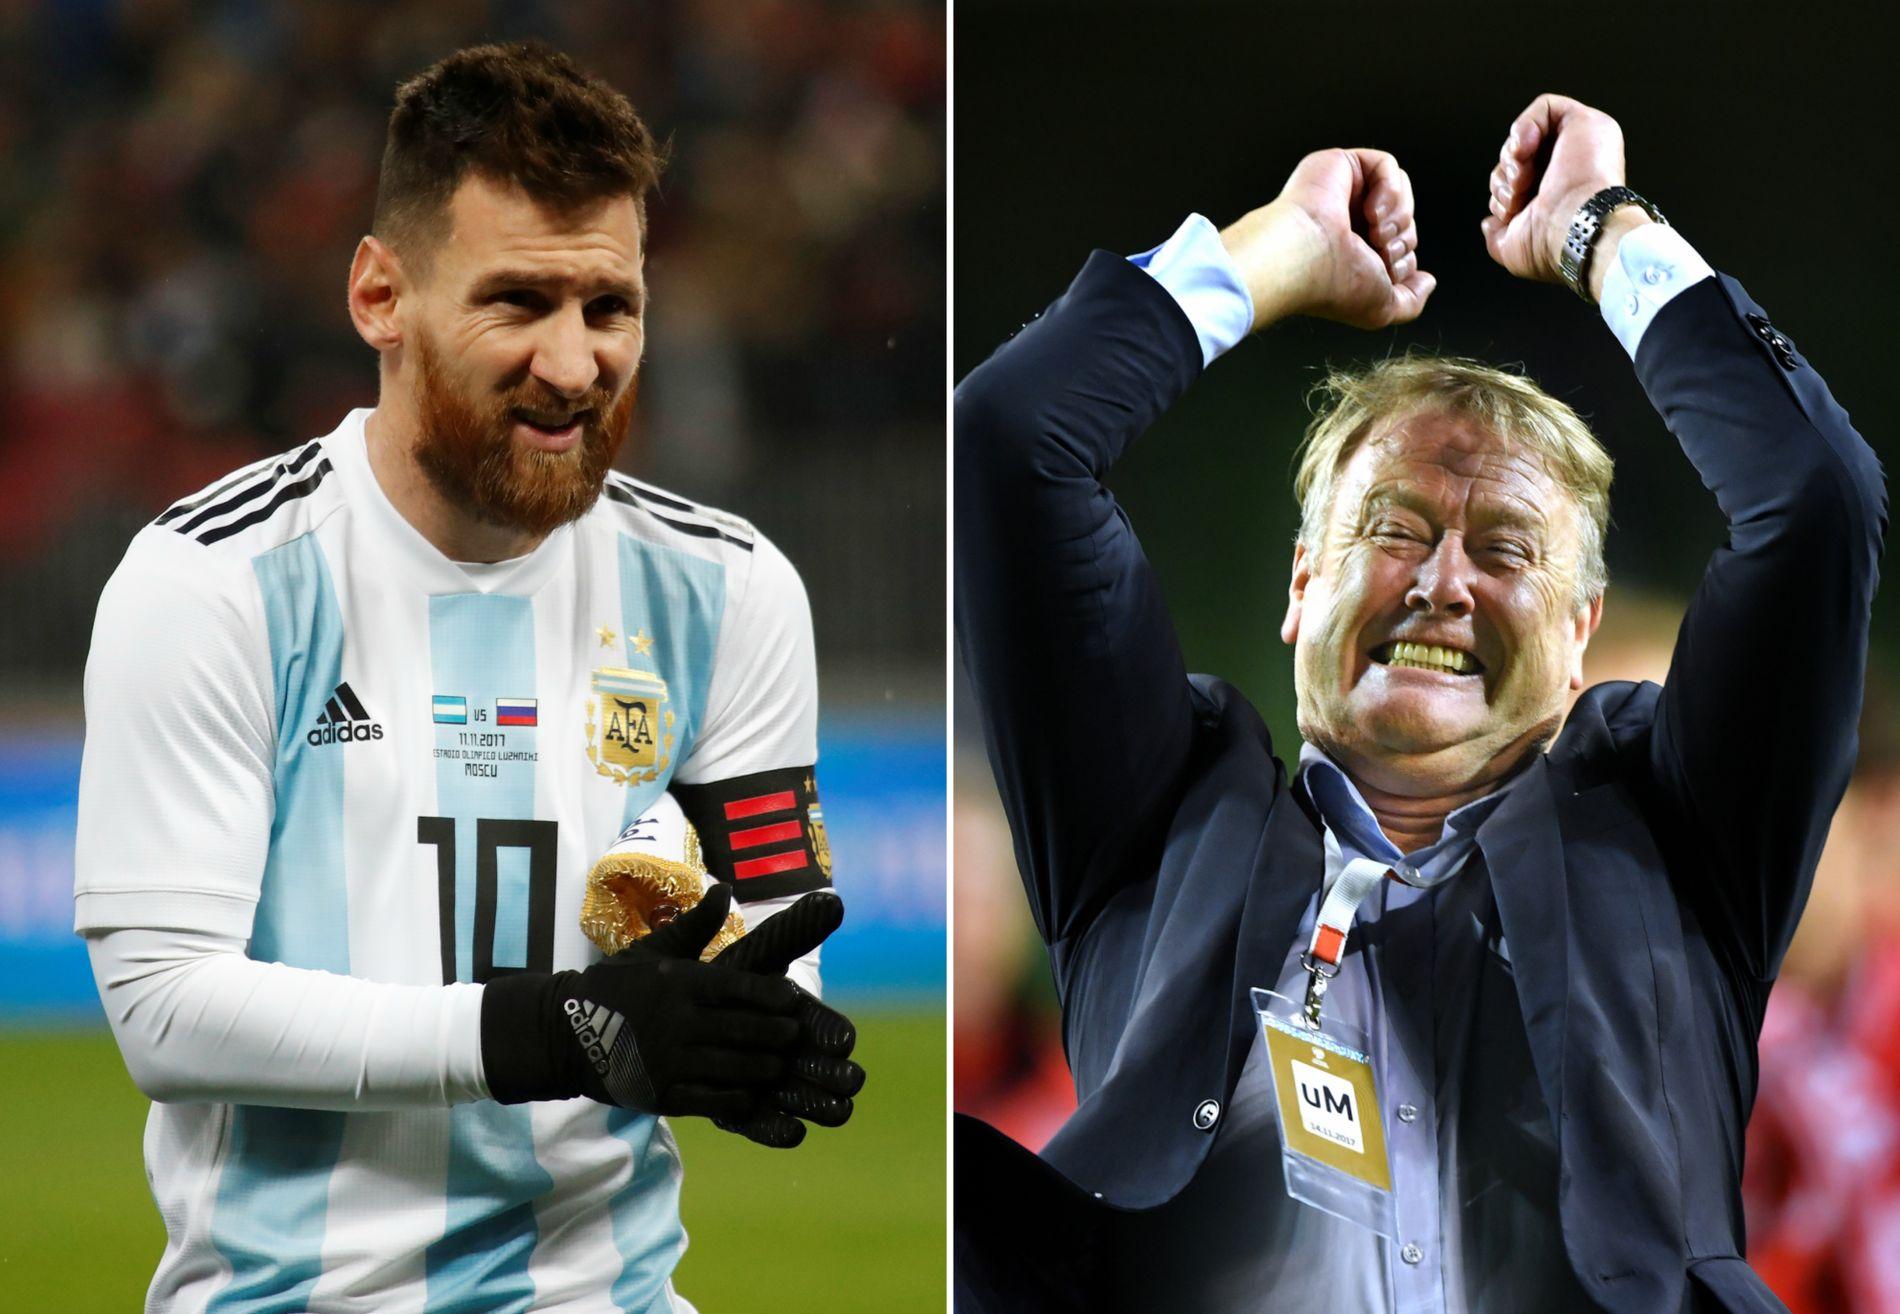 KAN MØTES: Lionel Messi og Argentina kan trekke Åge Hareide og Danmark i VM-gruppespillet.